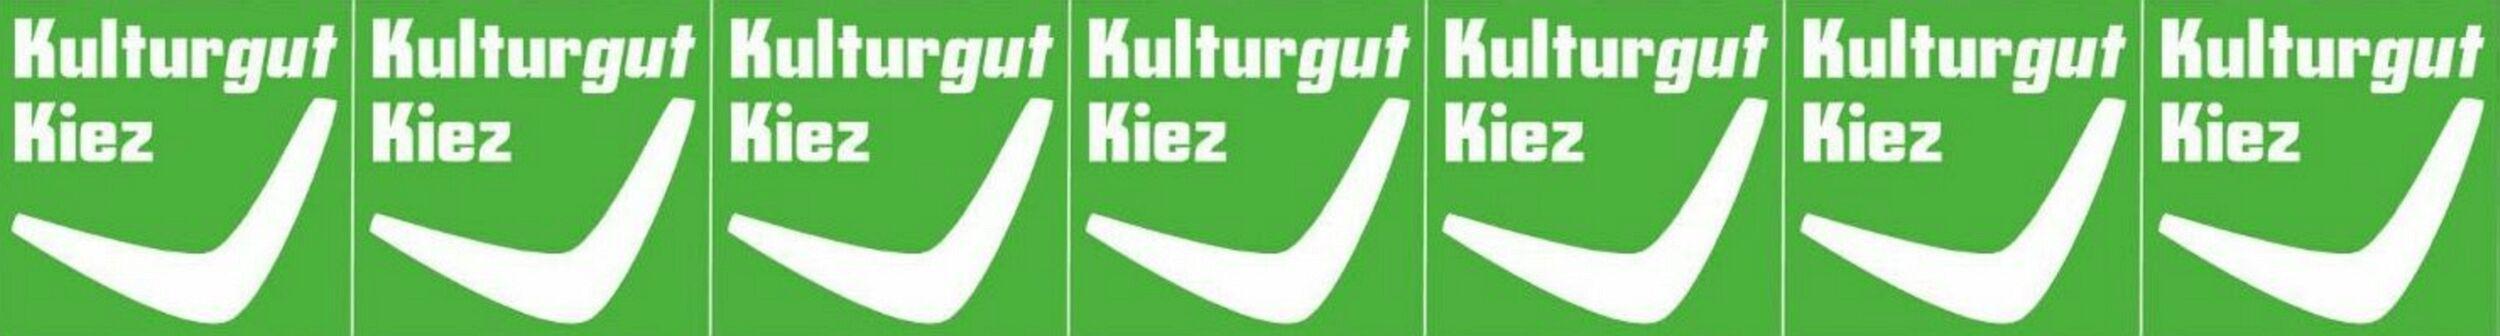 Kulturgut Kiez